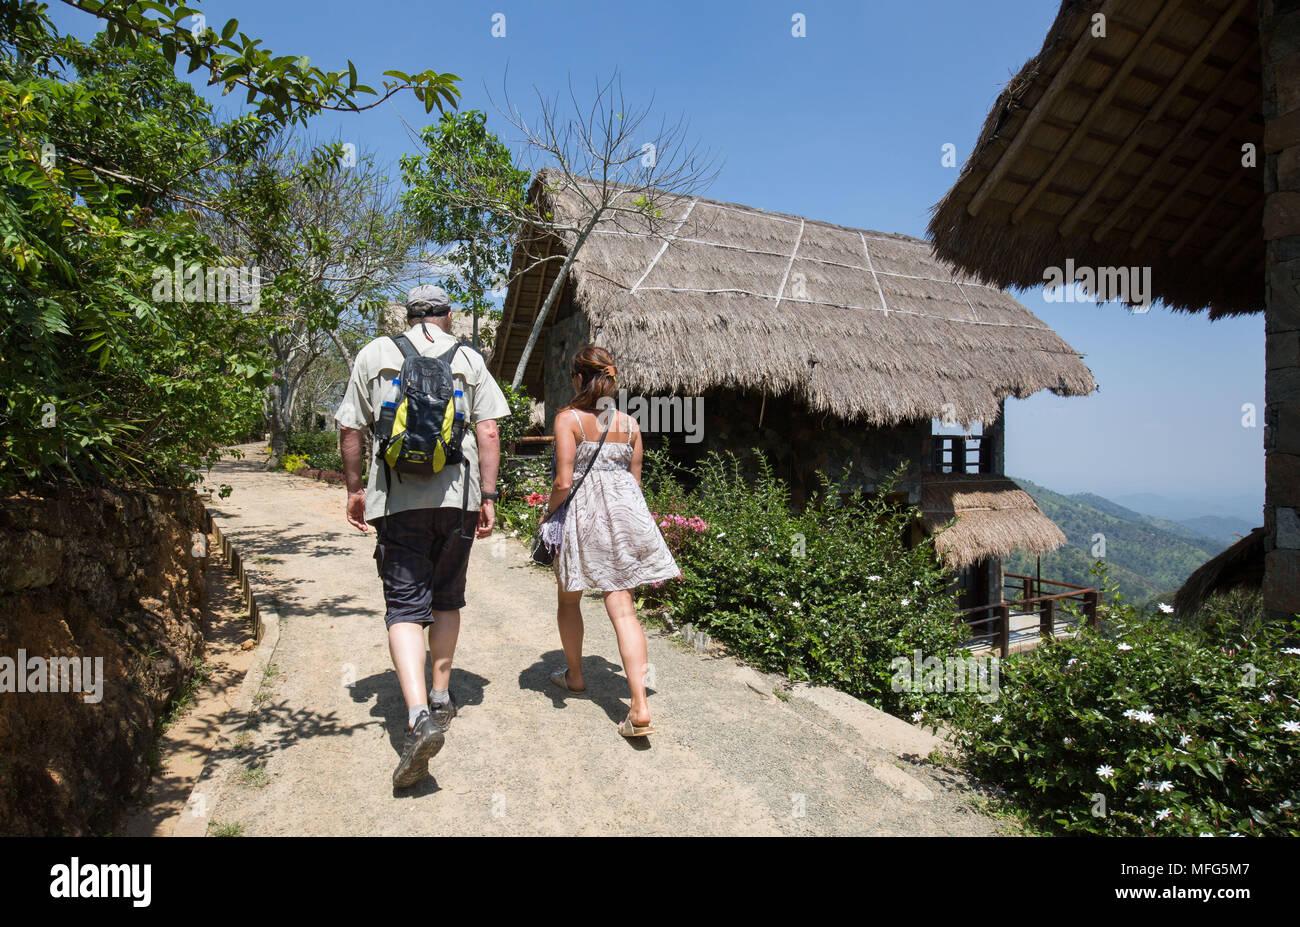 Touristen zu Fuß zu Ihren in der 98 Hektar großen Resort und Spa in Ella, Sri Lanka Lodge Stockbild